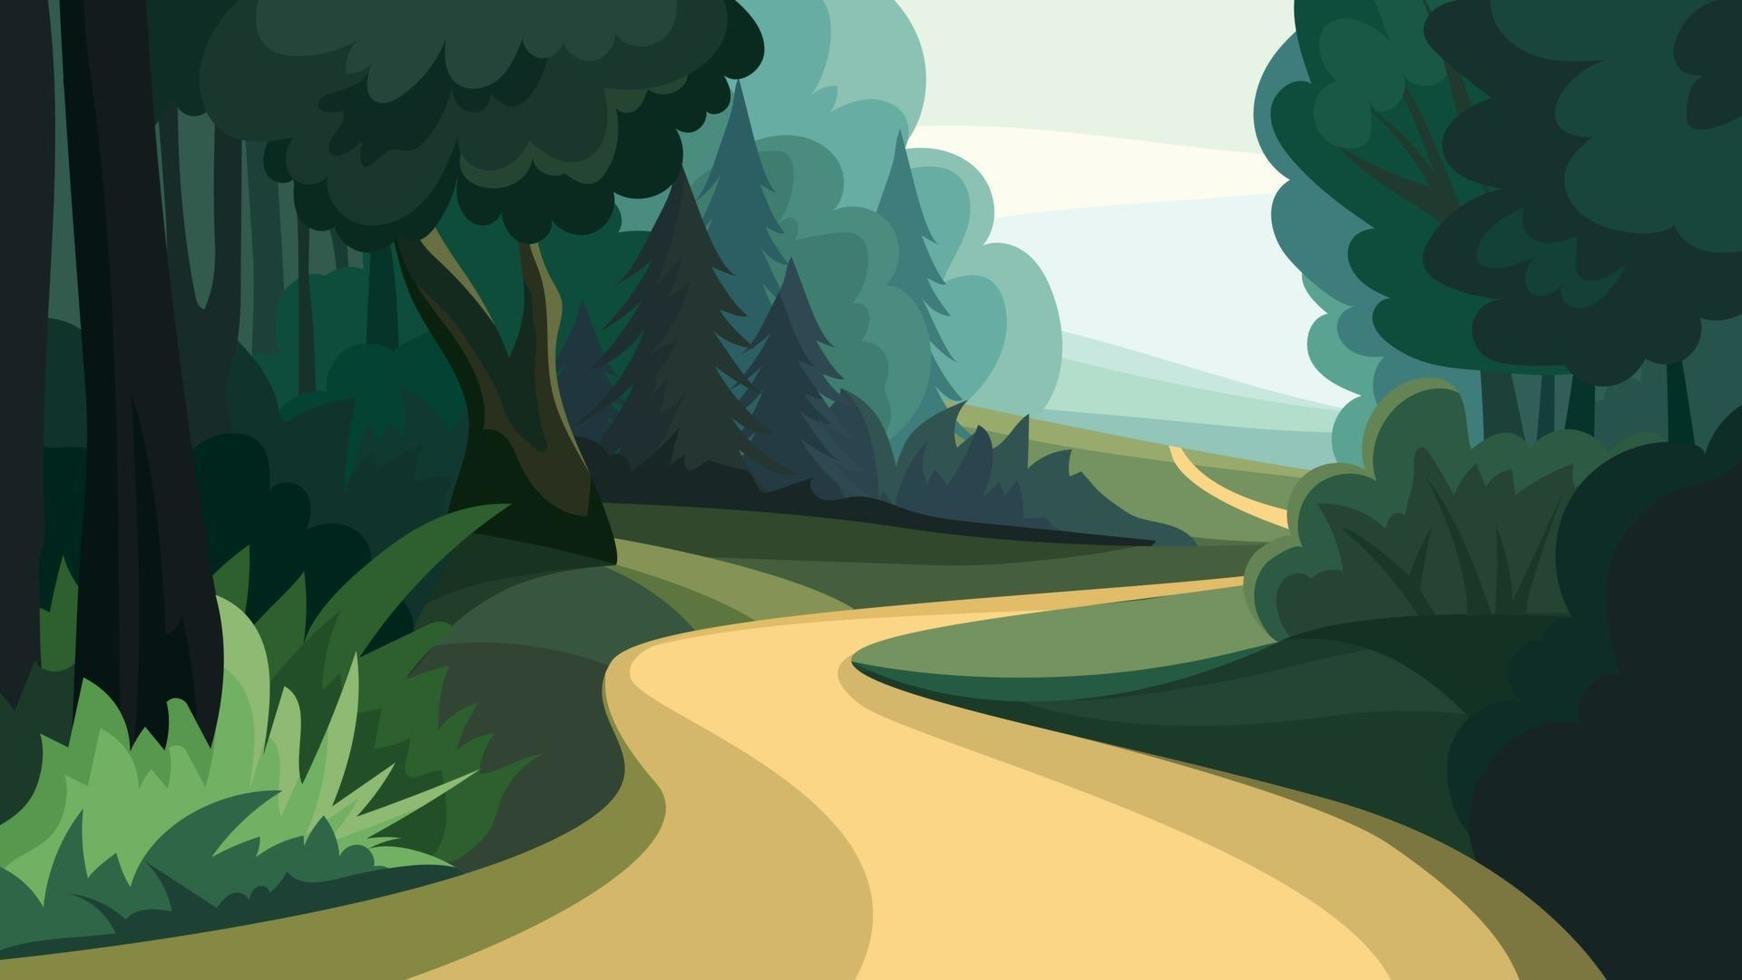 väg i skogen. vektor